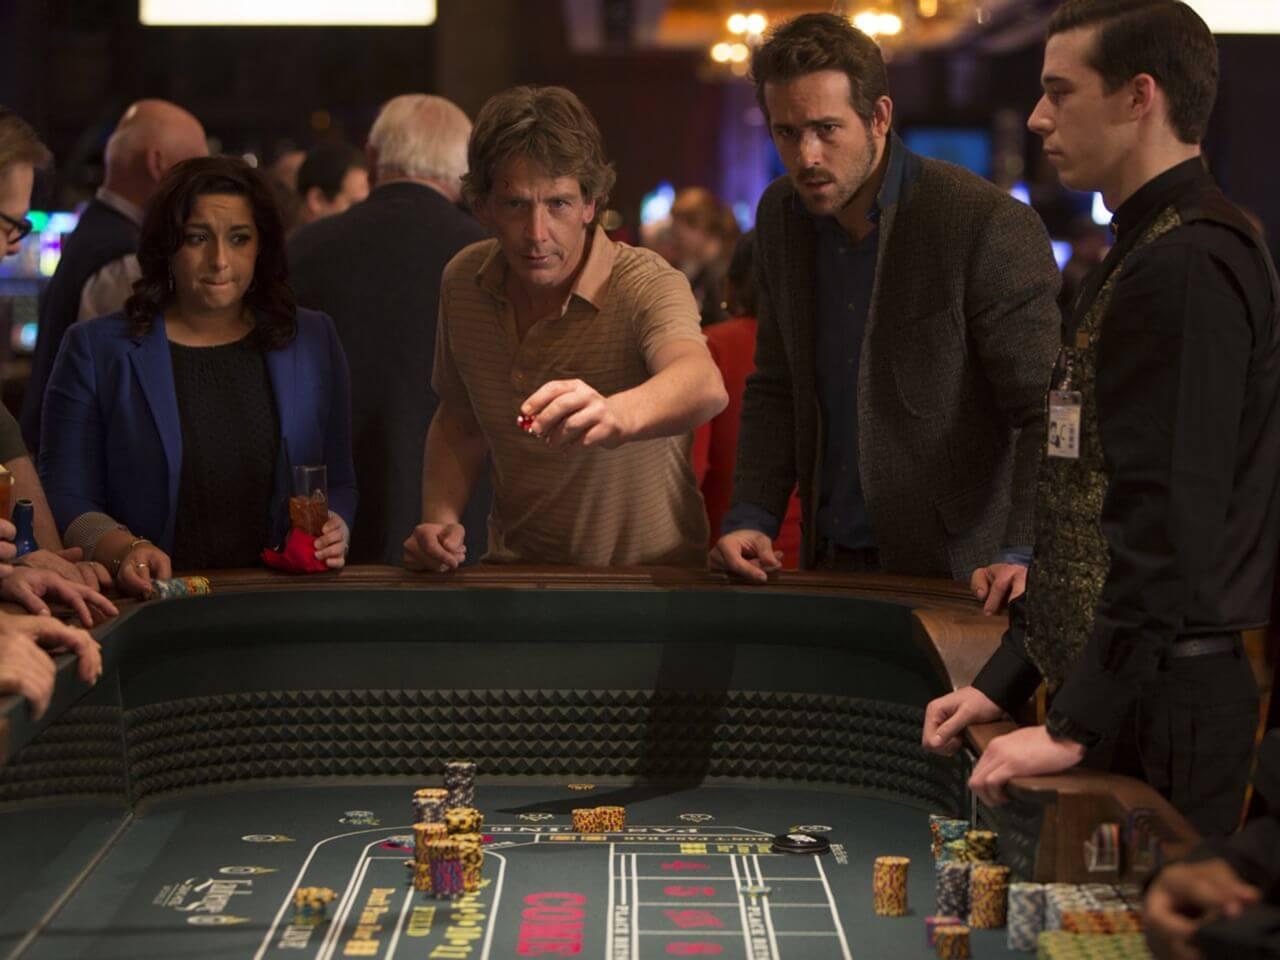 Films about gambling addiction crazy vegas casino как зарегистрироваться